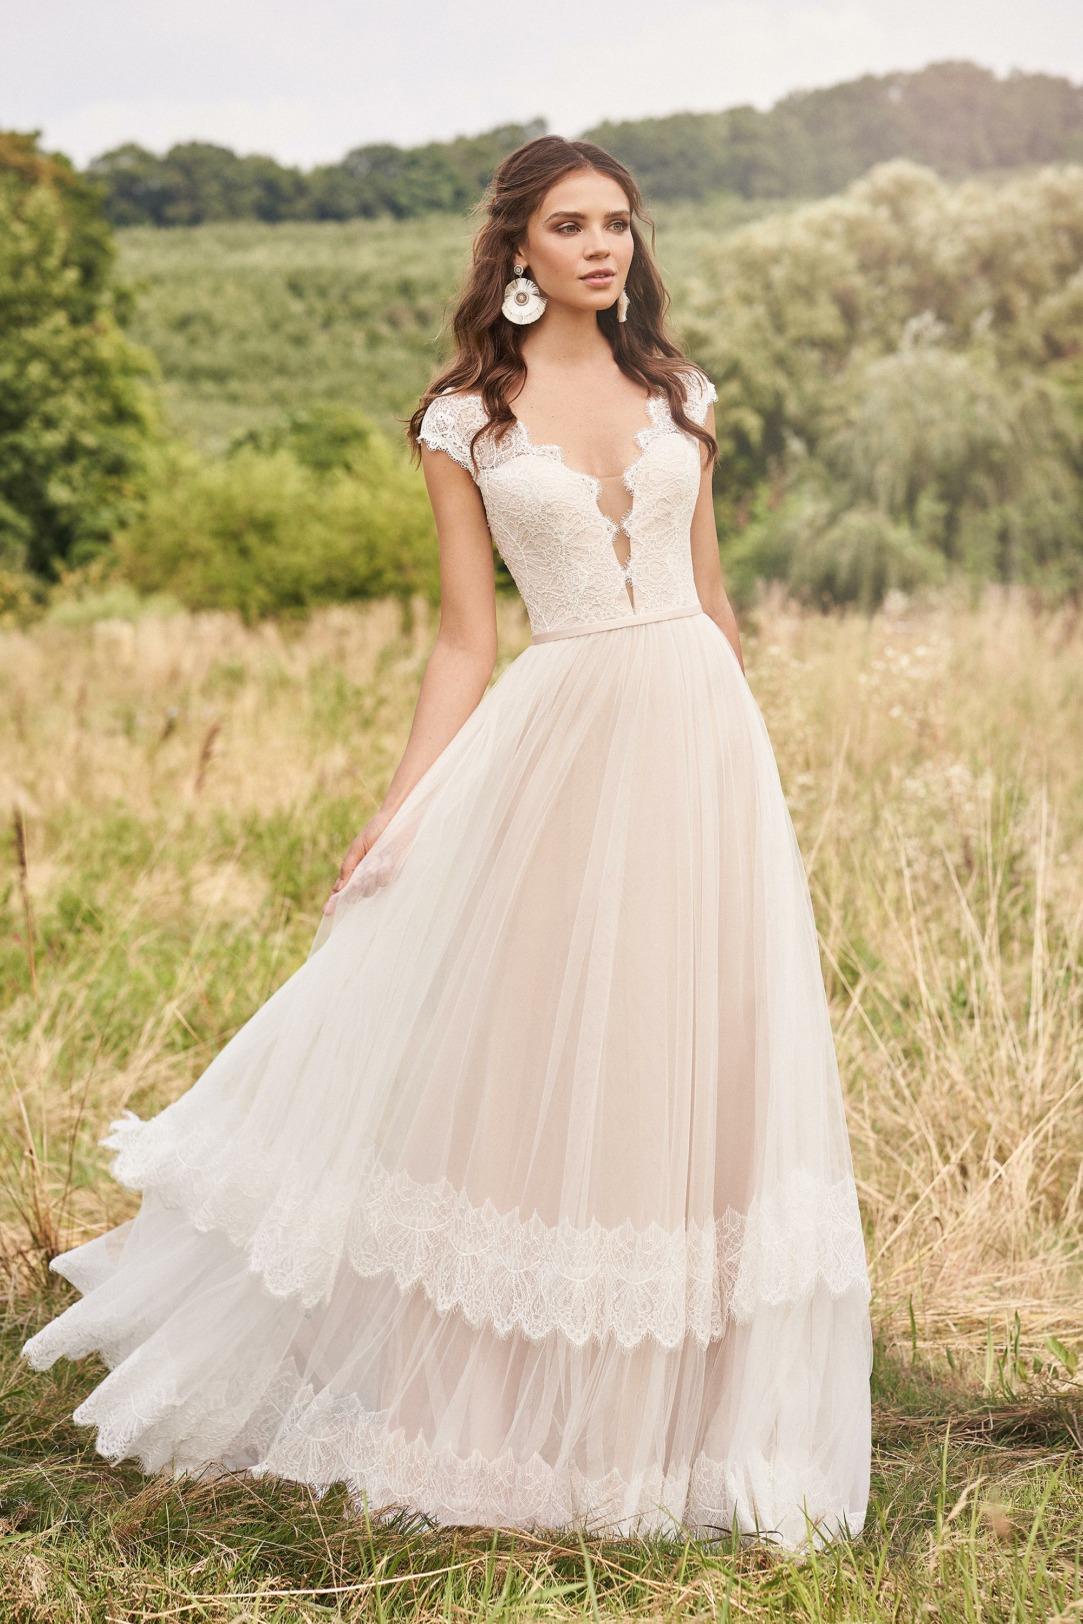 Brautkleider Hochzeitskleider von Lilian West by Justin Alexander Modell 66139 mit V Ausschnitt breiten Trägern und hoch geschlossenem Rücken edle Spitze im Oberteil und 2-stufigem Rock